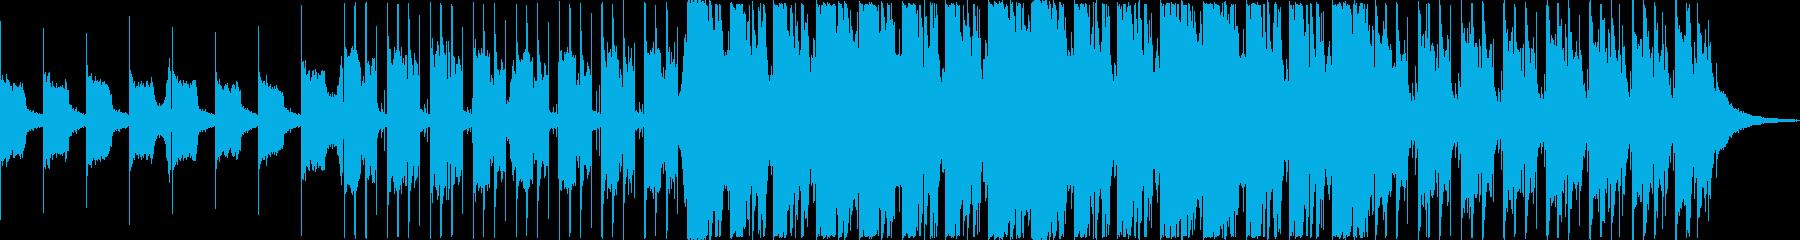 重々しく絶望感のあるダークなオーケストラの再生済みの波形